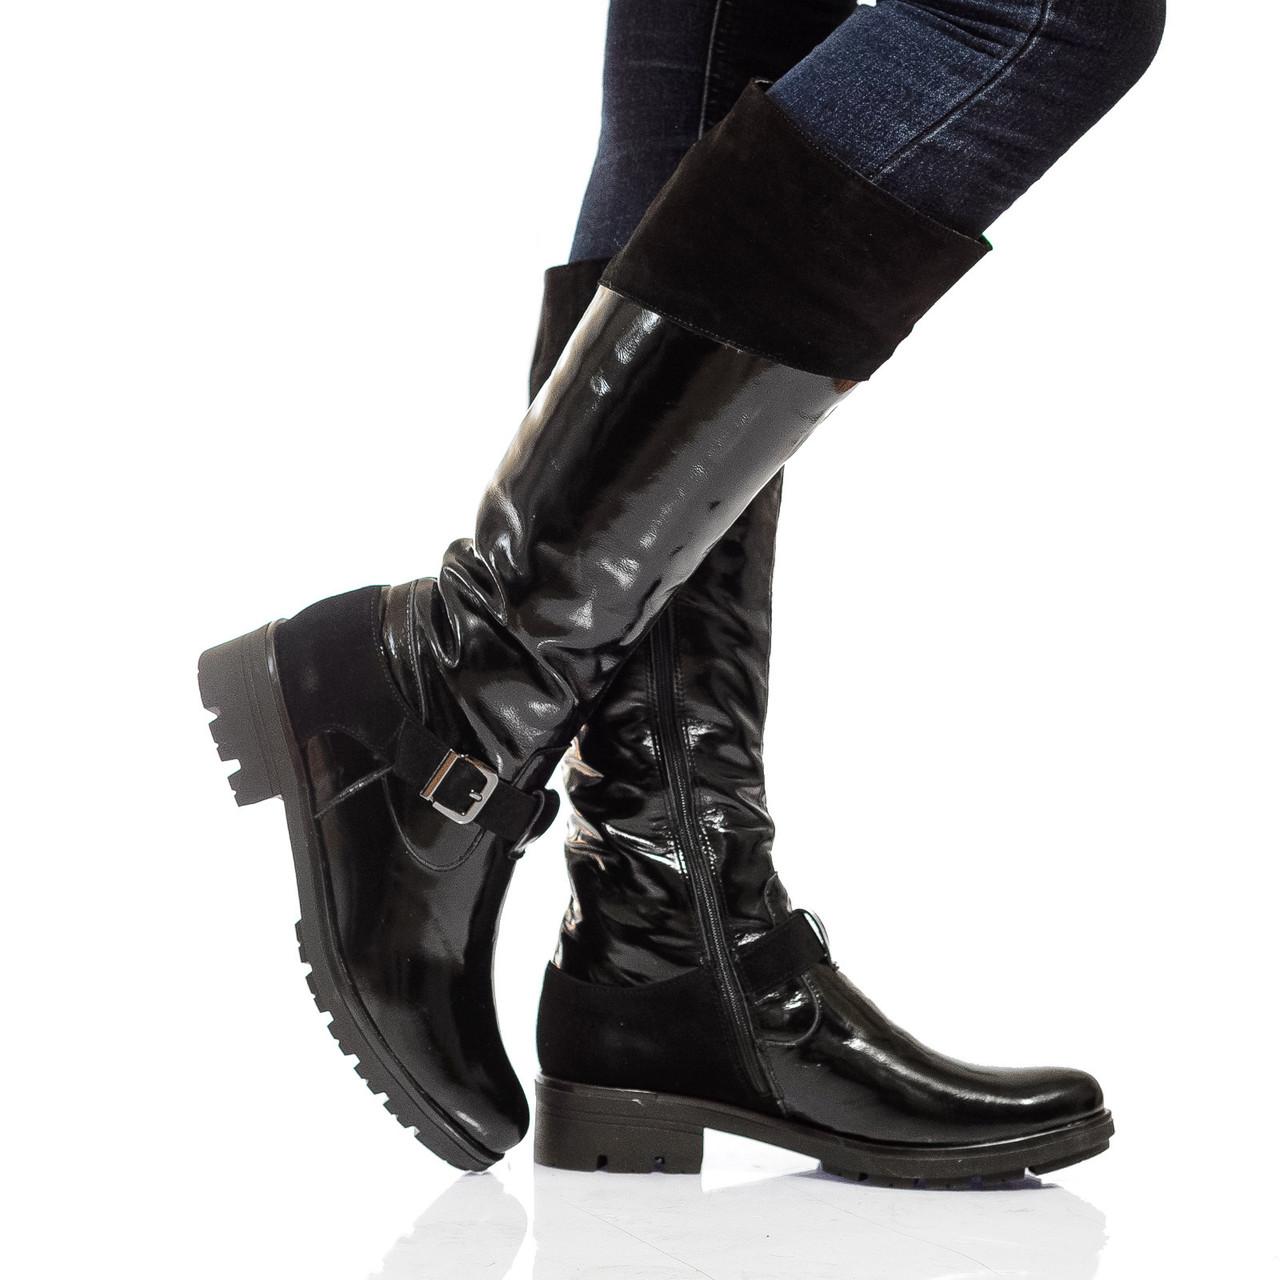 Сапоги на низком каблуке, из натуральной кожи, замша, на молнии. Три цвета! Размеры 36-41 модель S2243